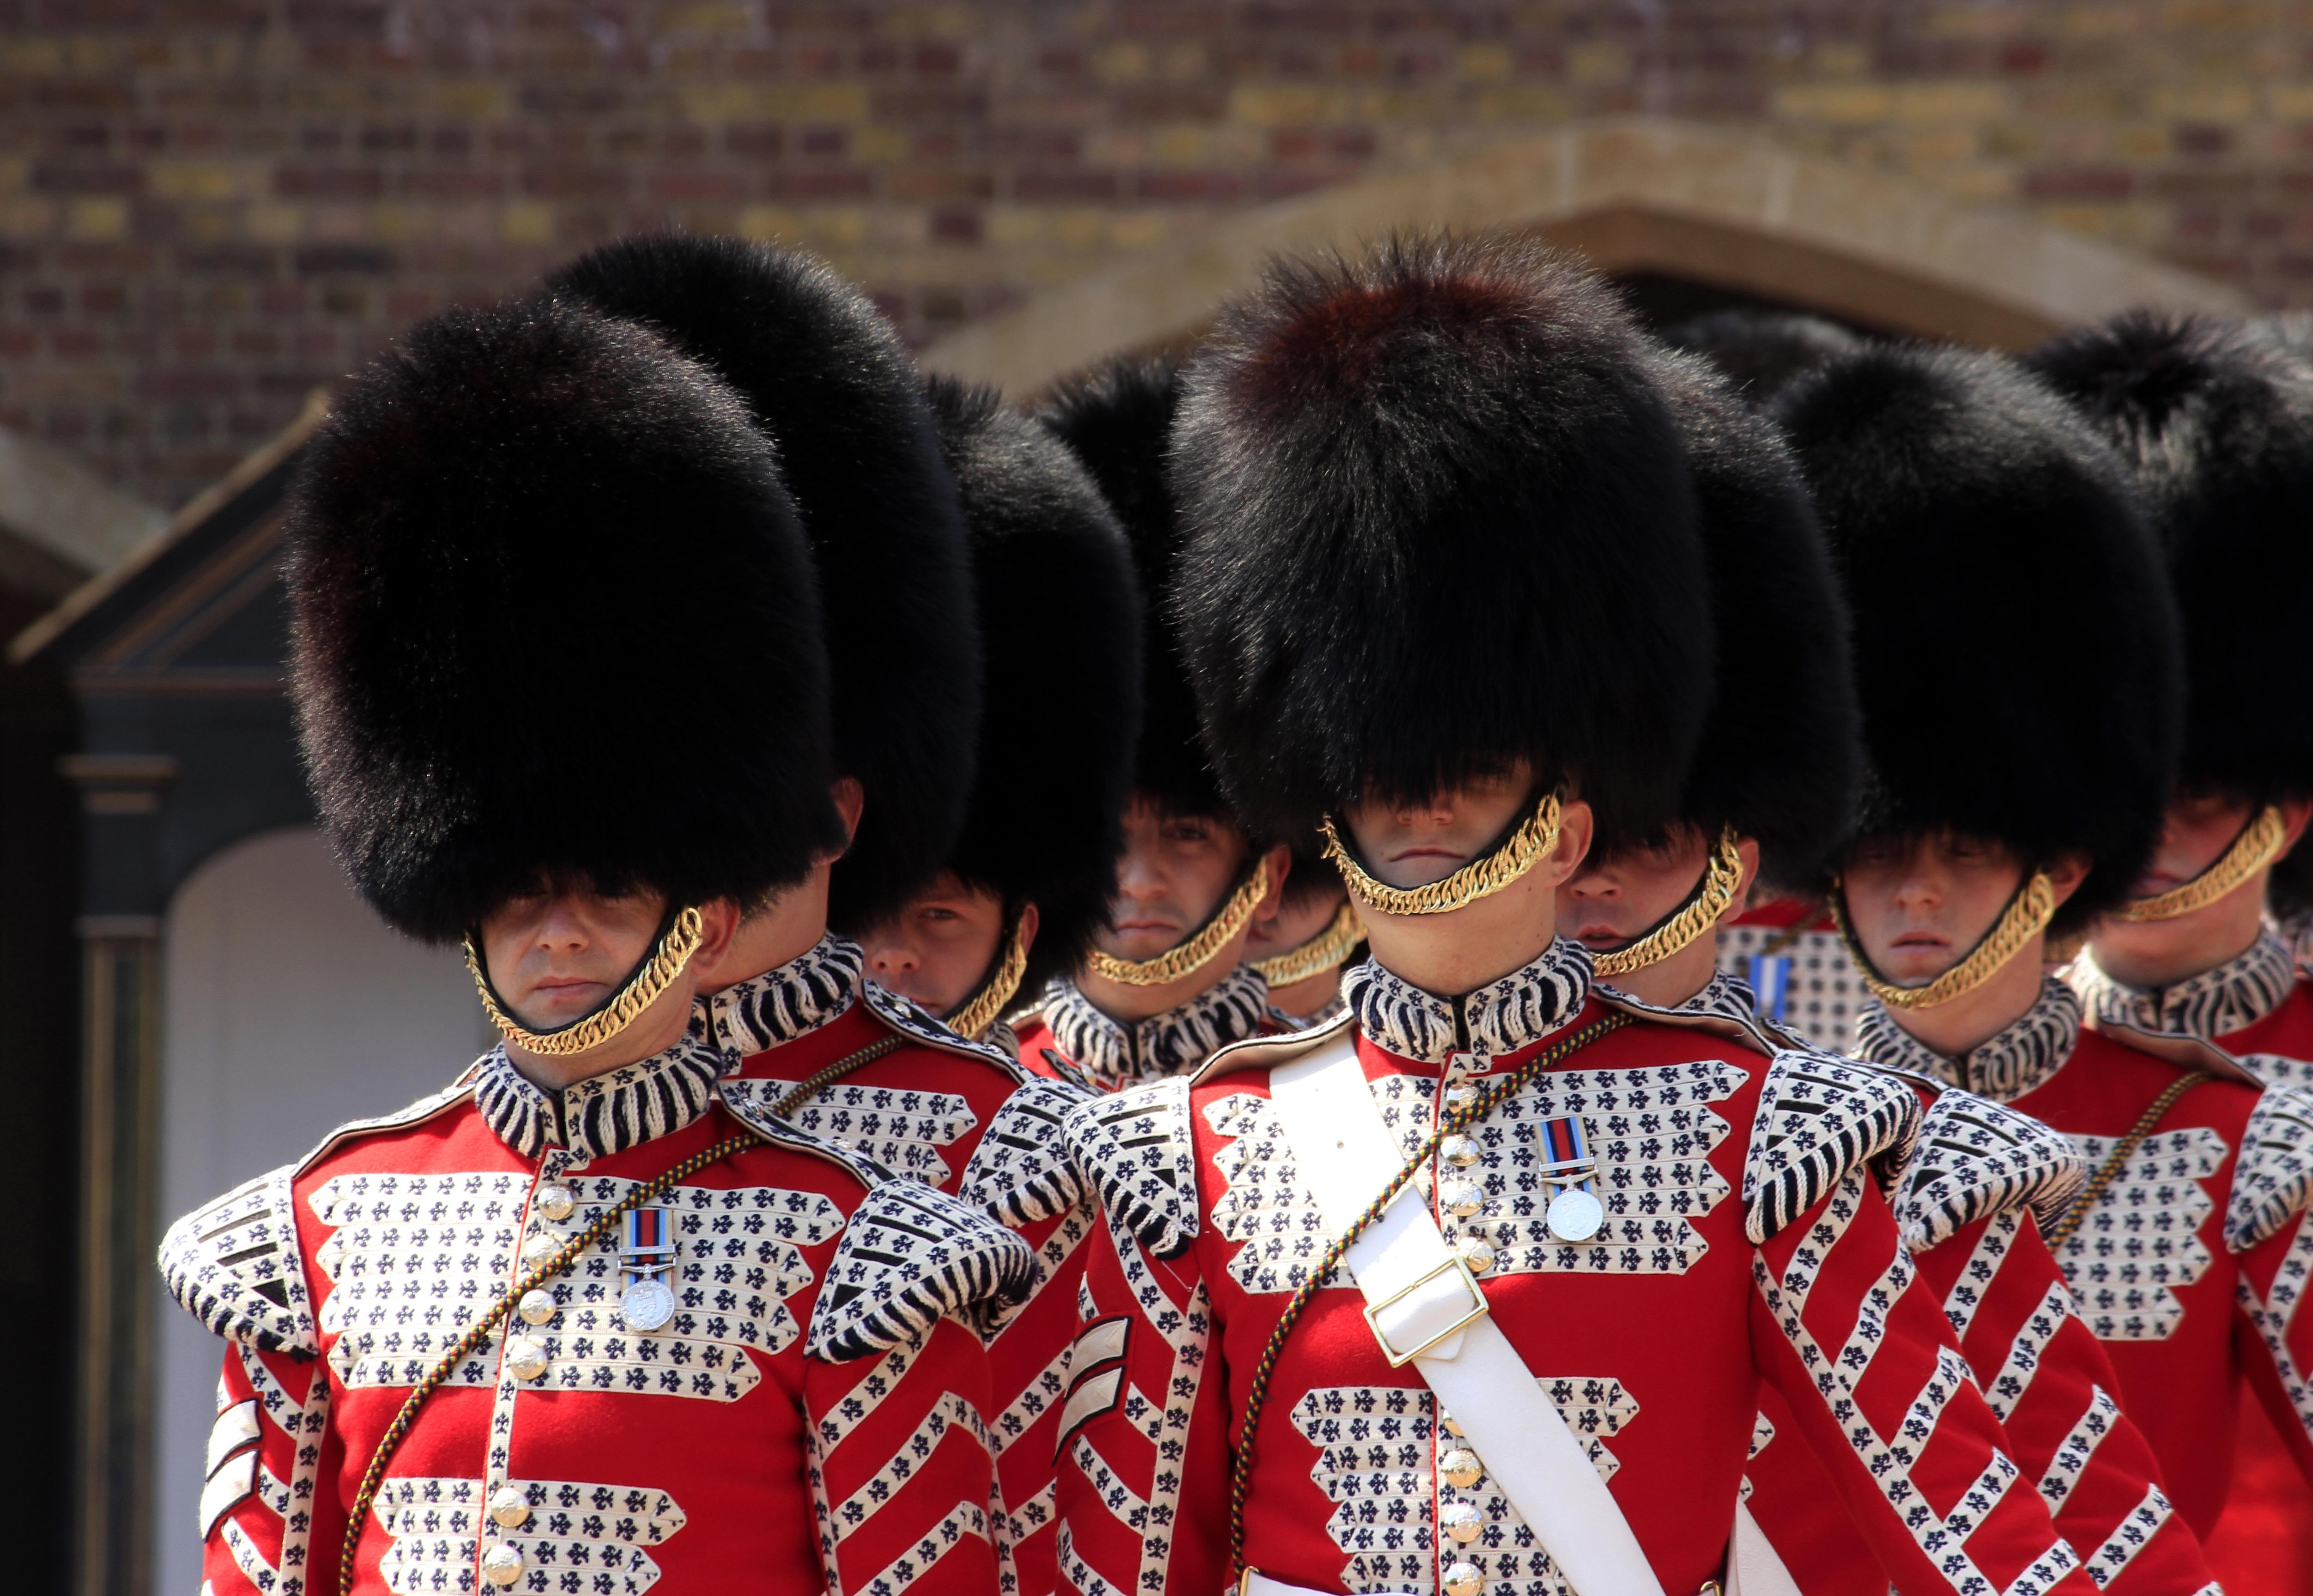 royal-guard-1815020